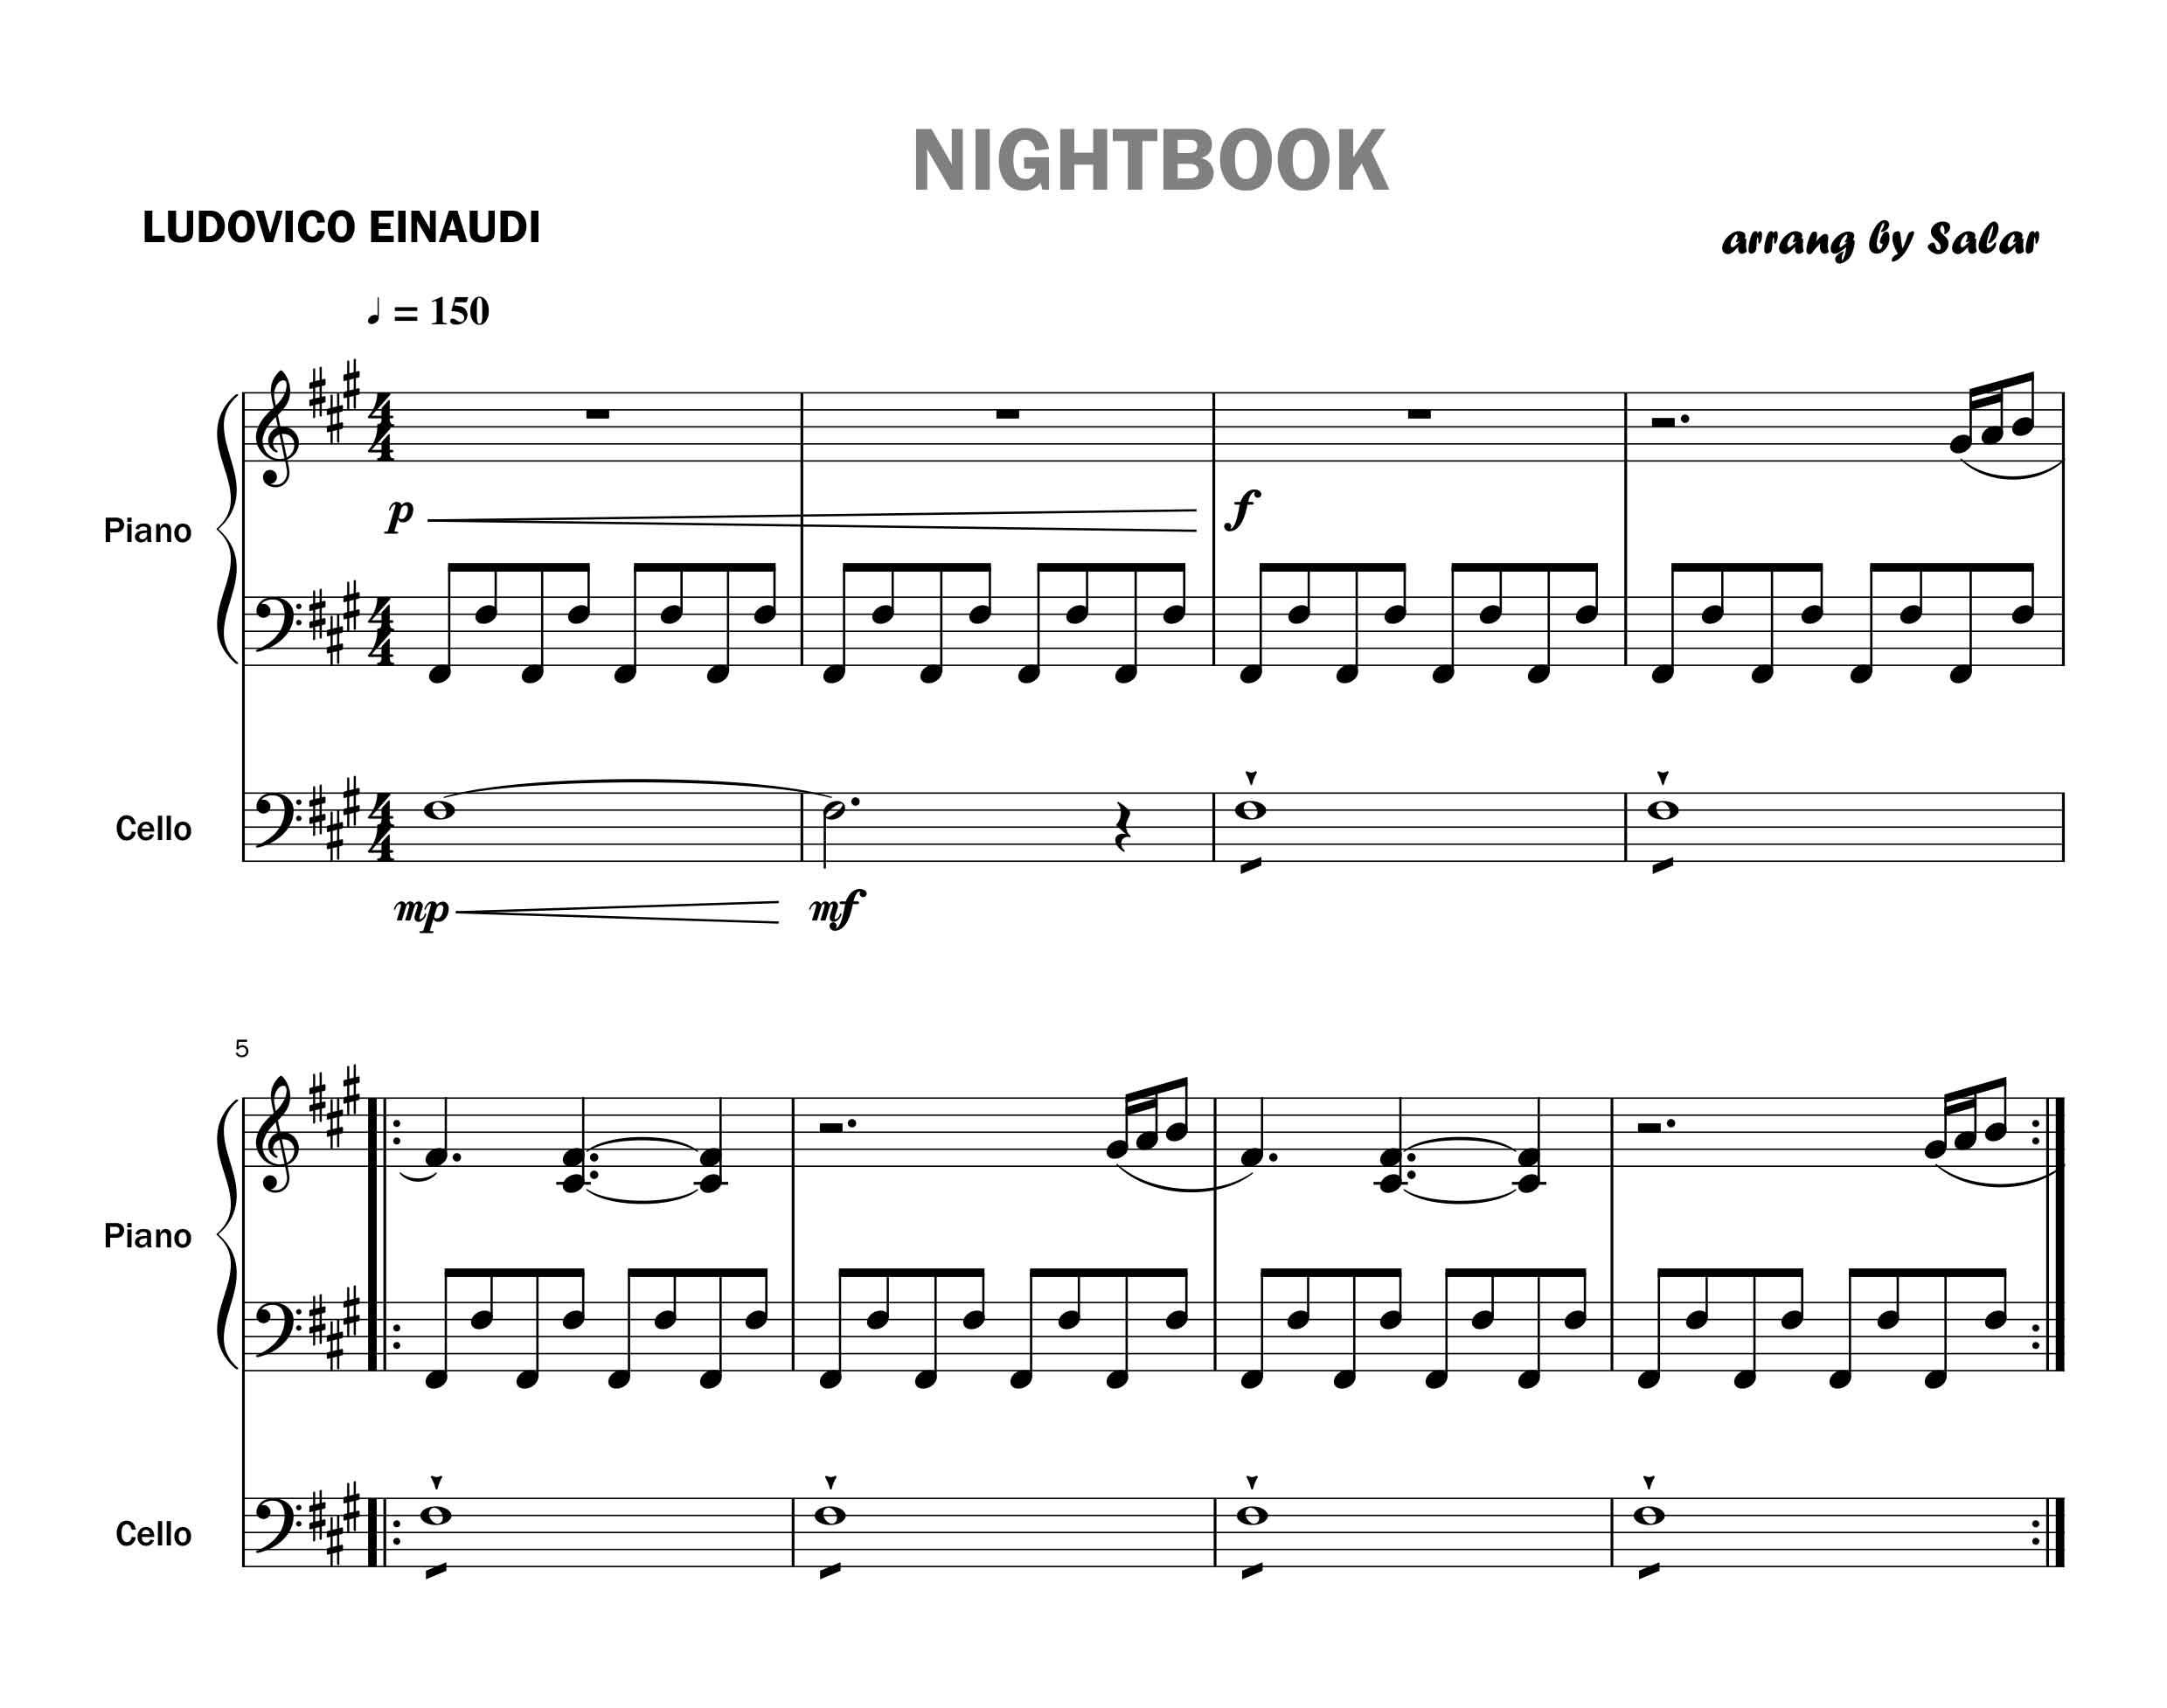 پارتیتور قطعه NightBook برای پیانو  ویولن و ویولن سل